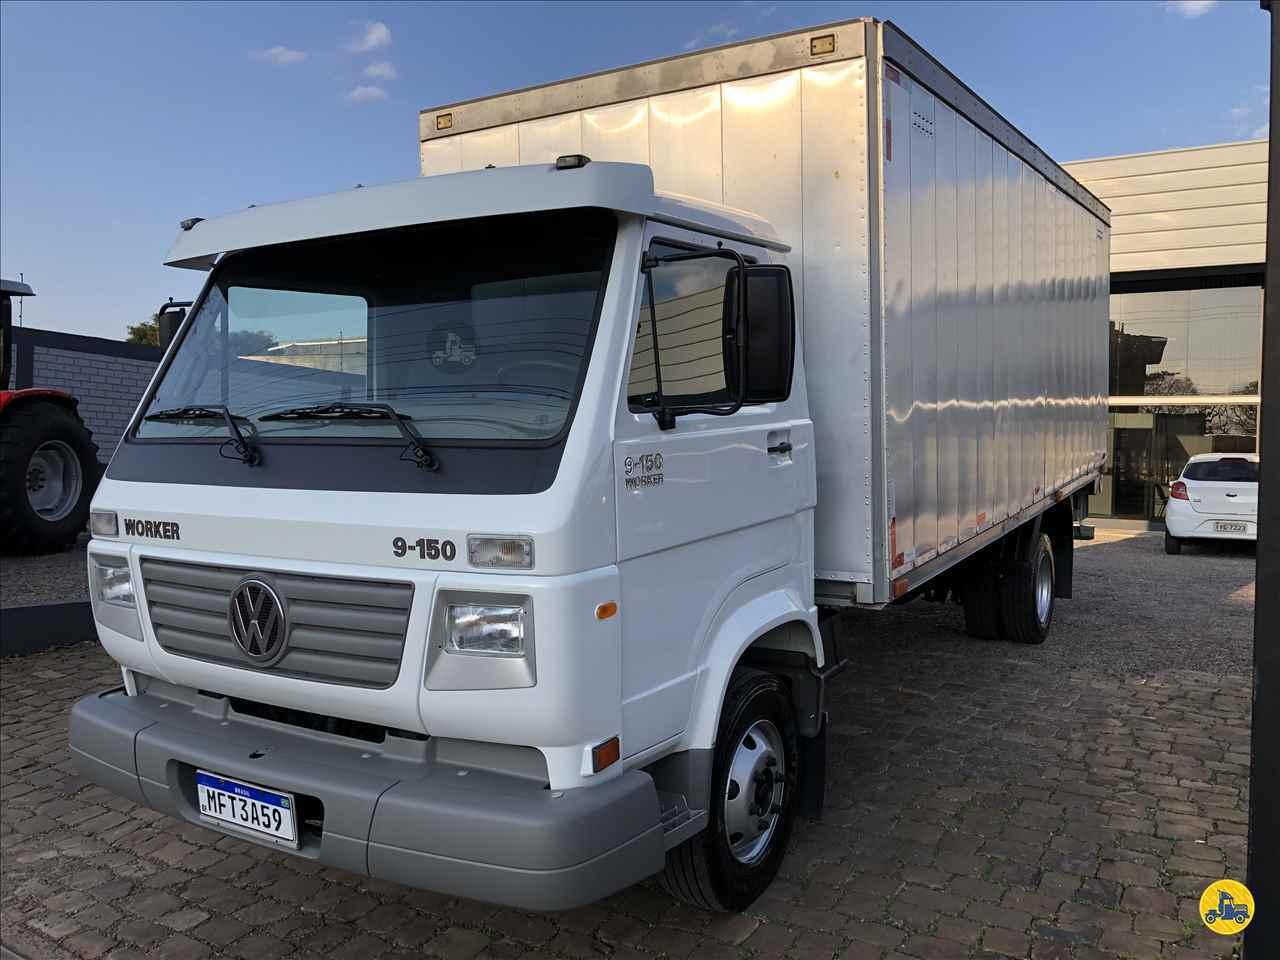 VW 9150 de Agro Caminhão - Caminhões e Máquinas Agrícolas - CARAZINHO/RS